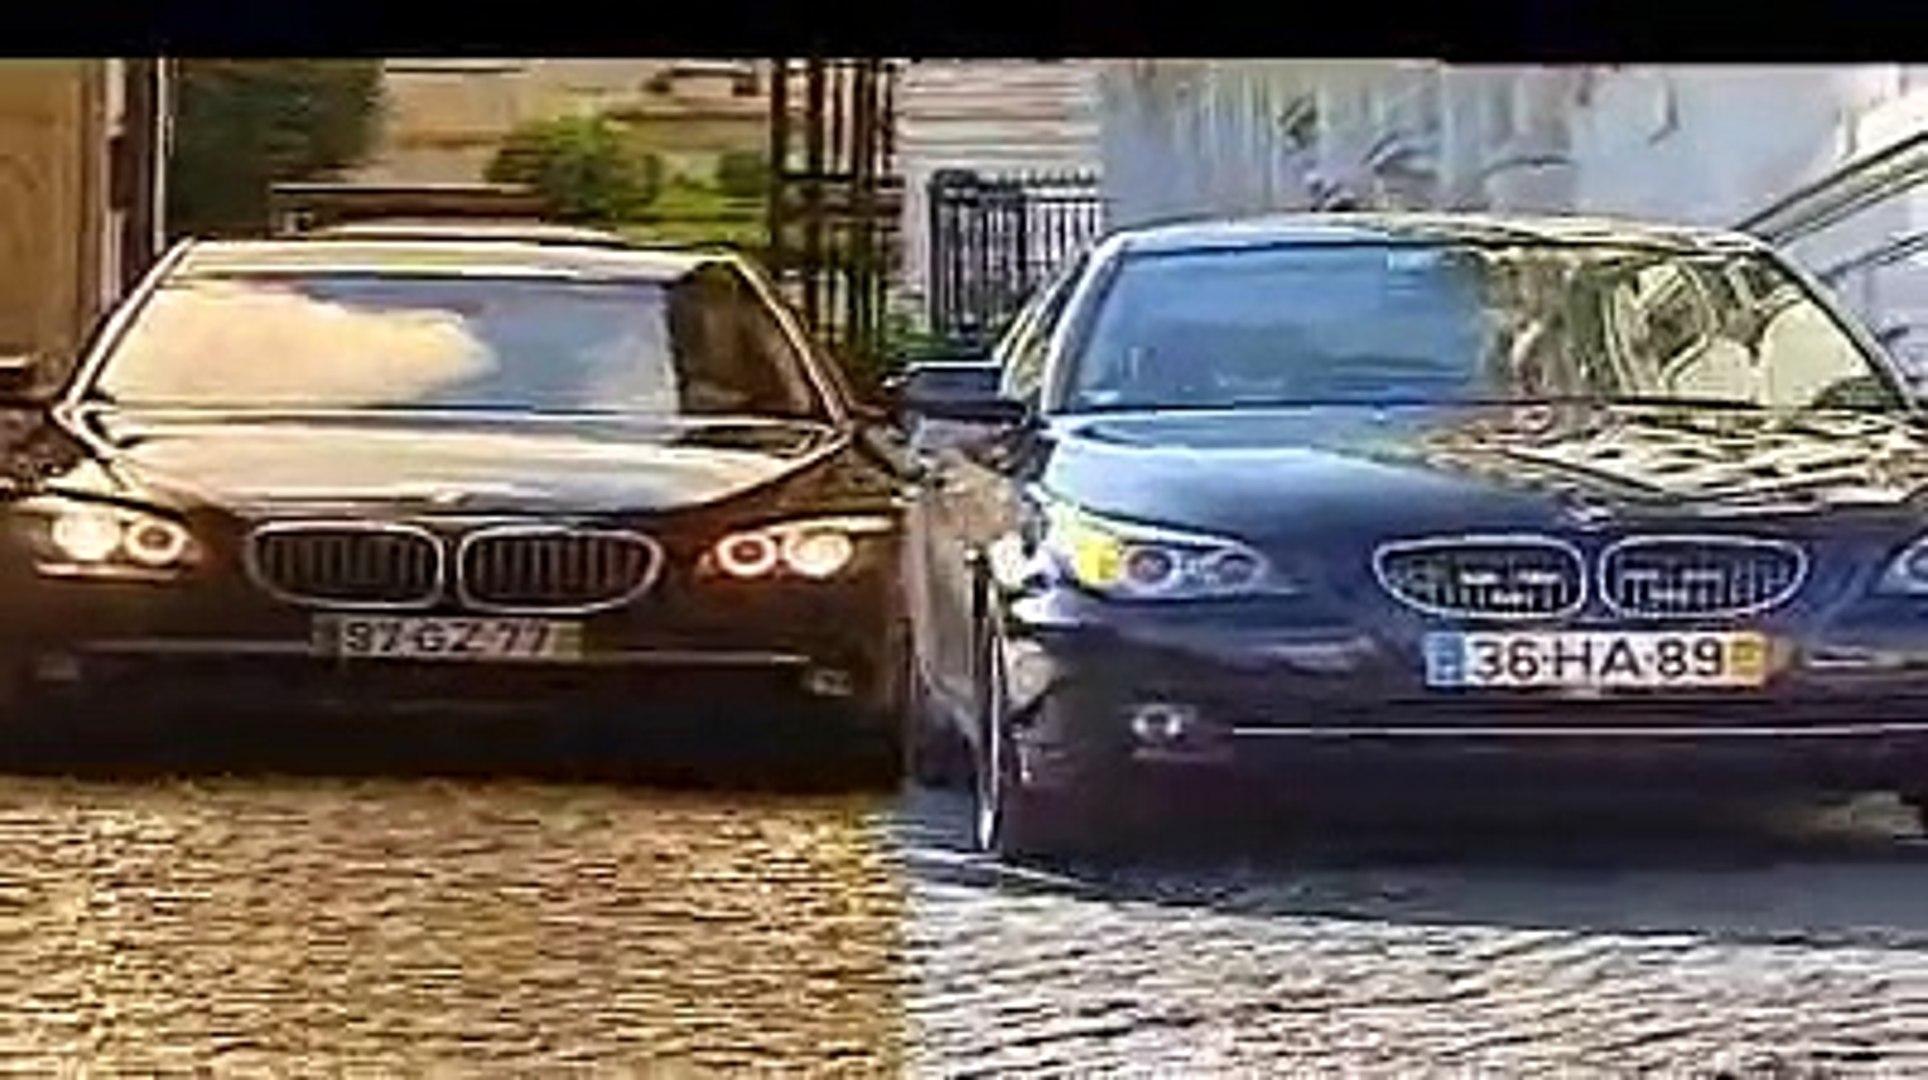 Parlamento gasta 1 milhão em carros de luxo